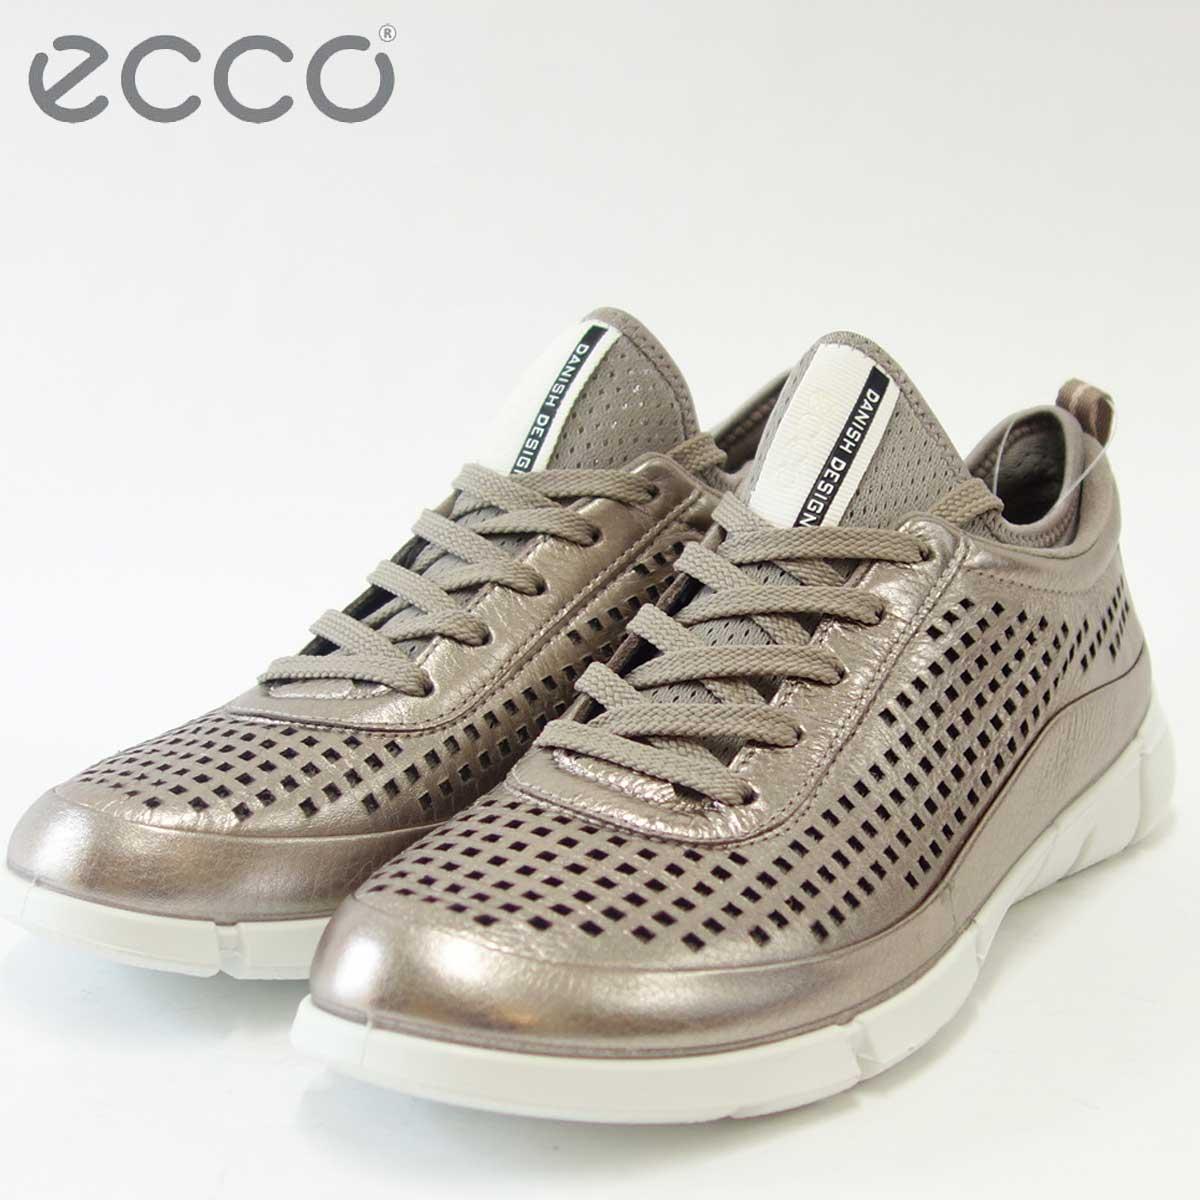 ECCO エコー 860013 ウォームグレーメタリック(レディース)上質レザーのレースアップシューズECCO INTRINSIC 1 Low cut lace「靴」